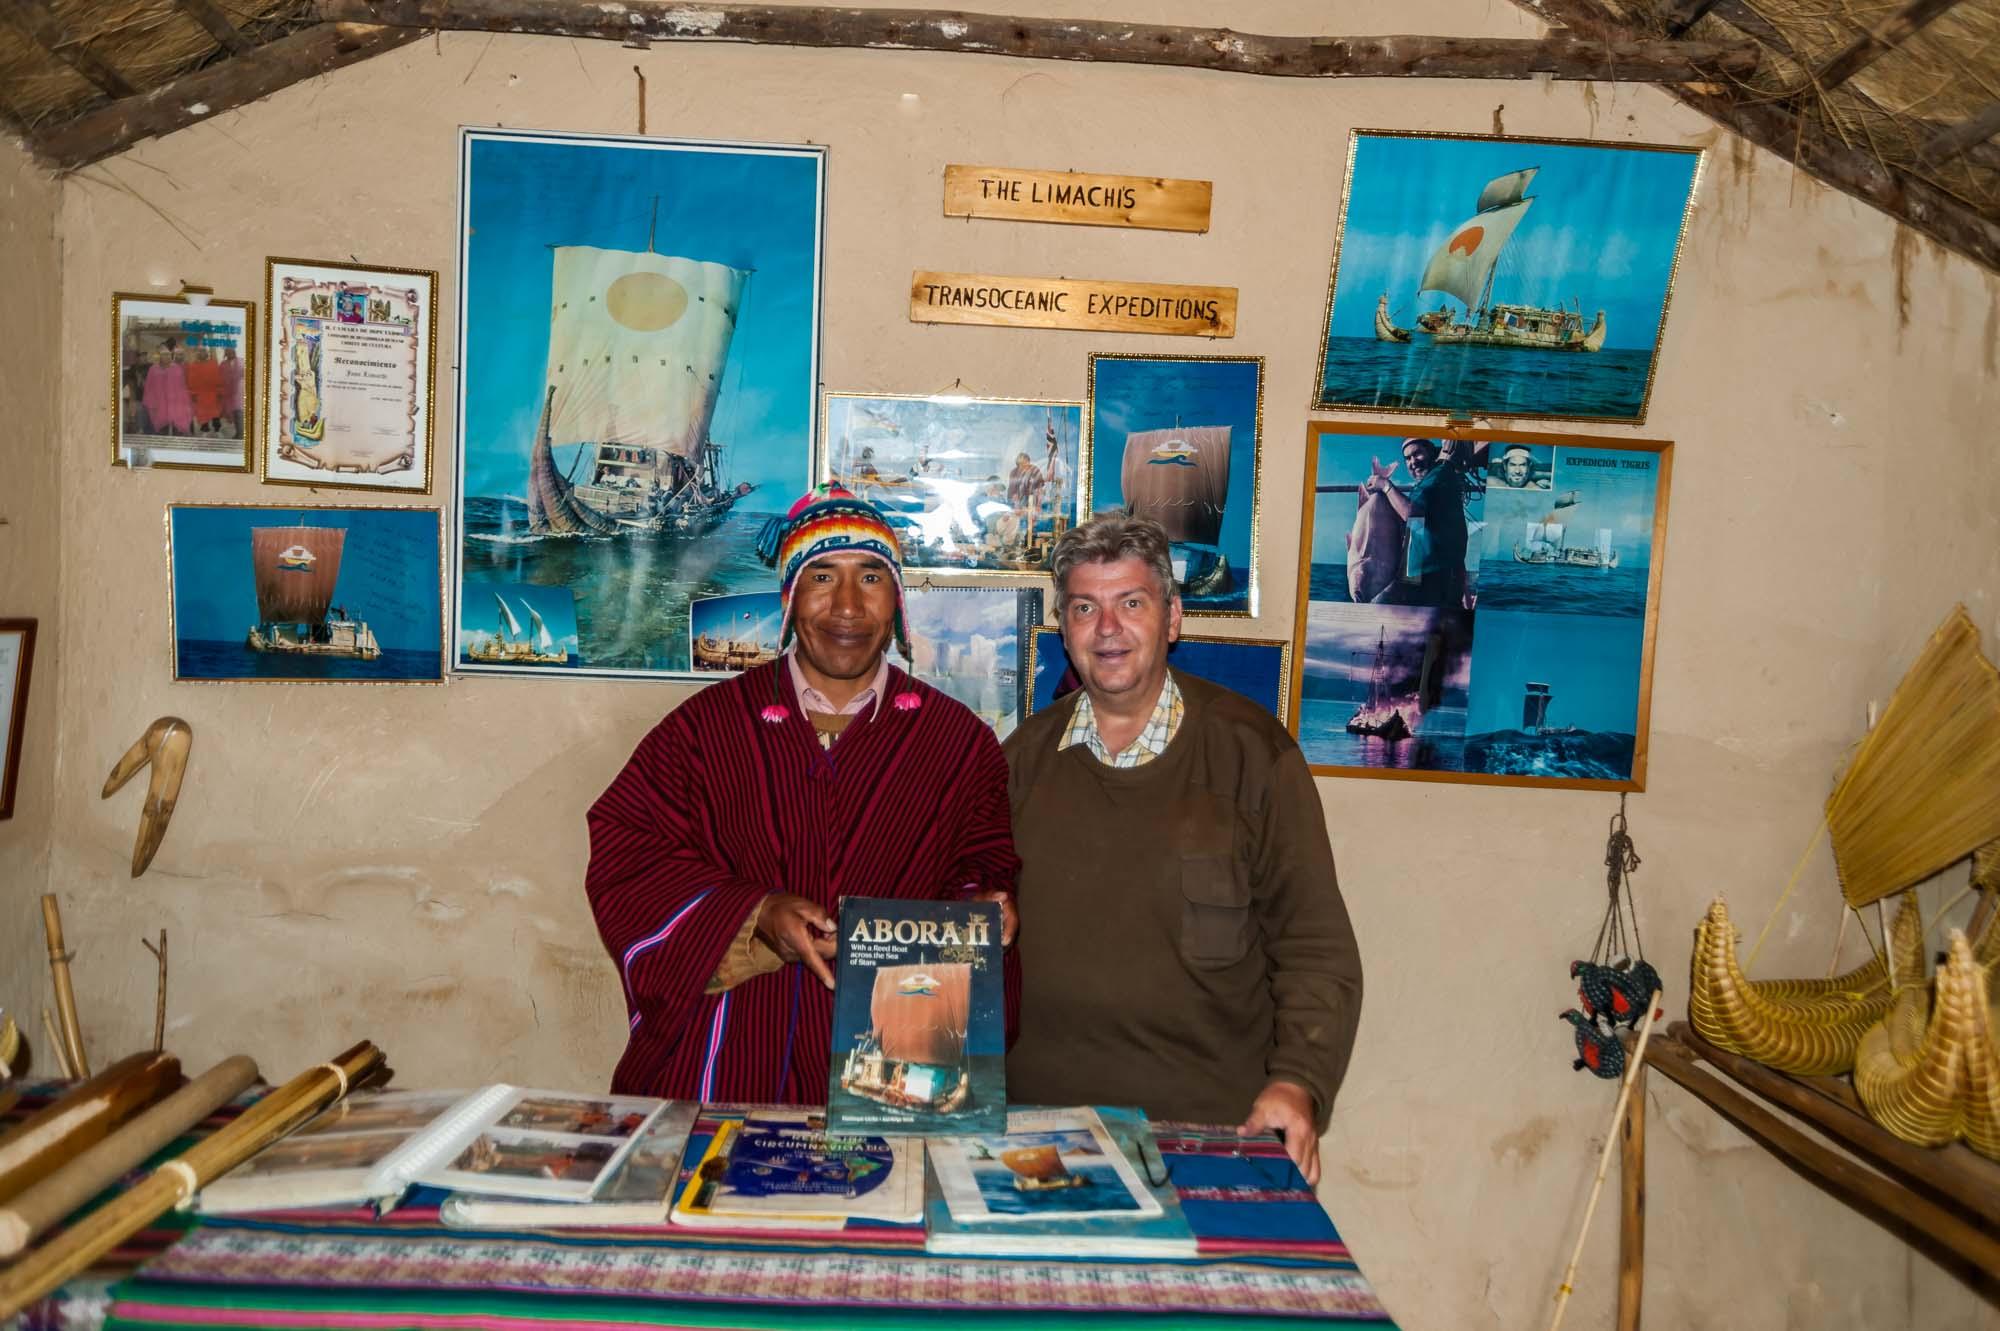 Peter Jurgilewitsch mit einem der beiden Limachi Brüder in Huatajata/Bolivien